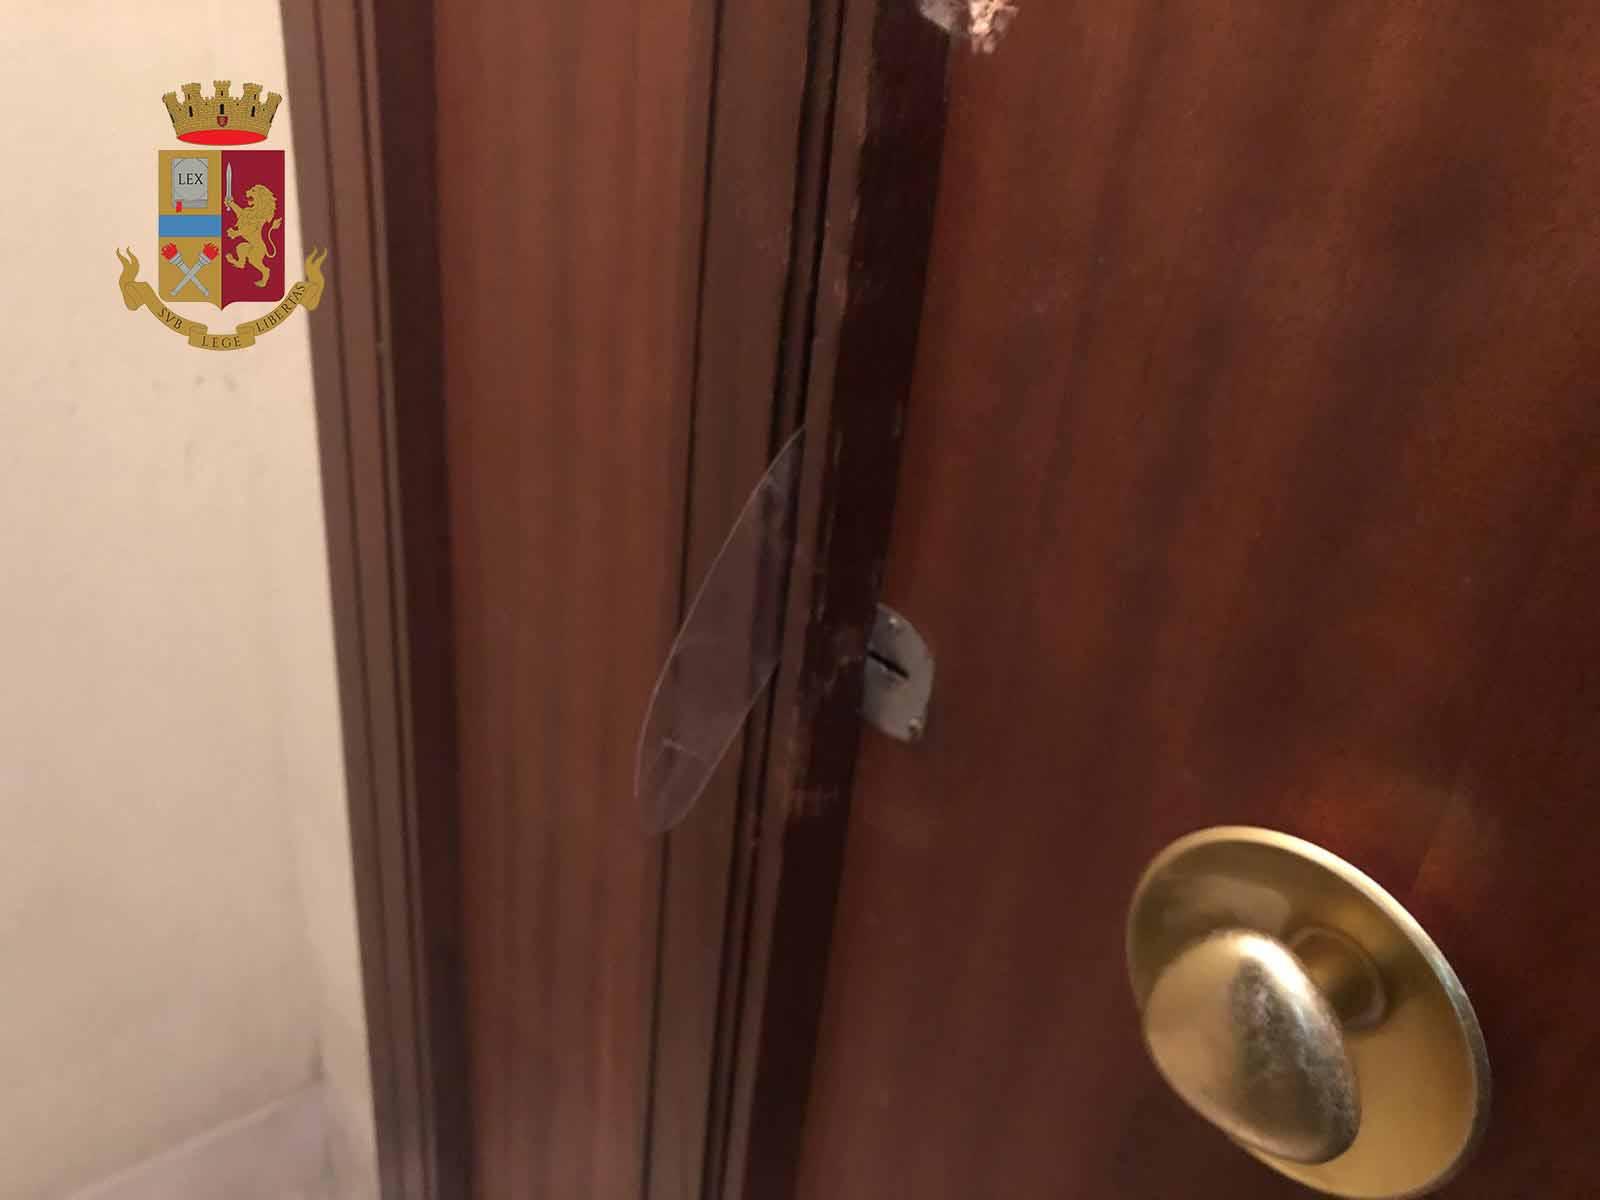 Cercano di intrufolarsi in un appartamento: arrestati due georgiani